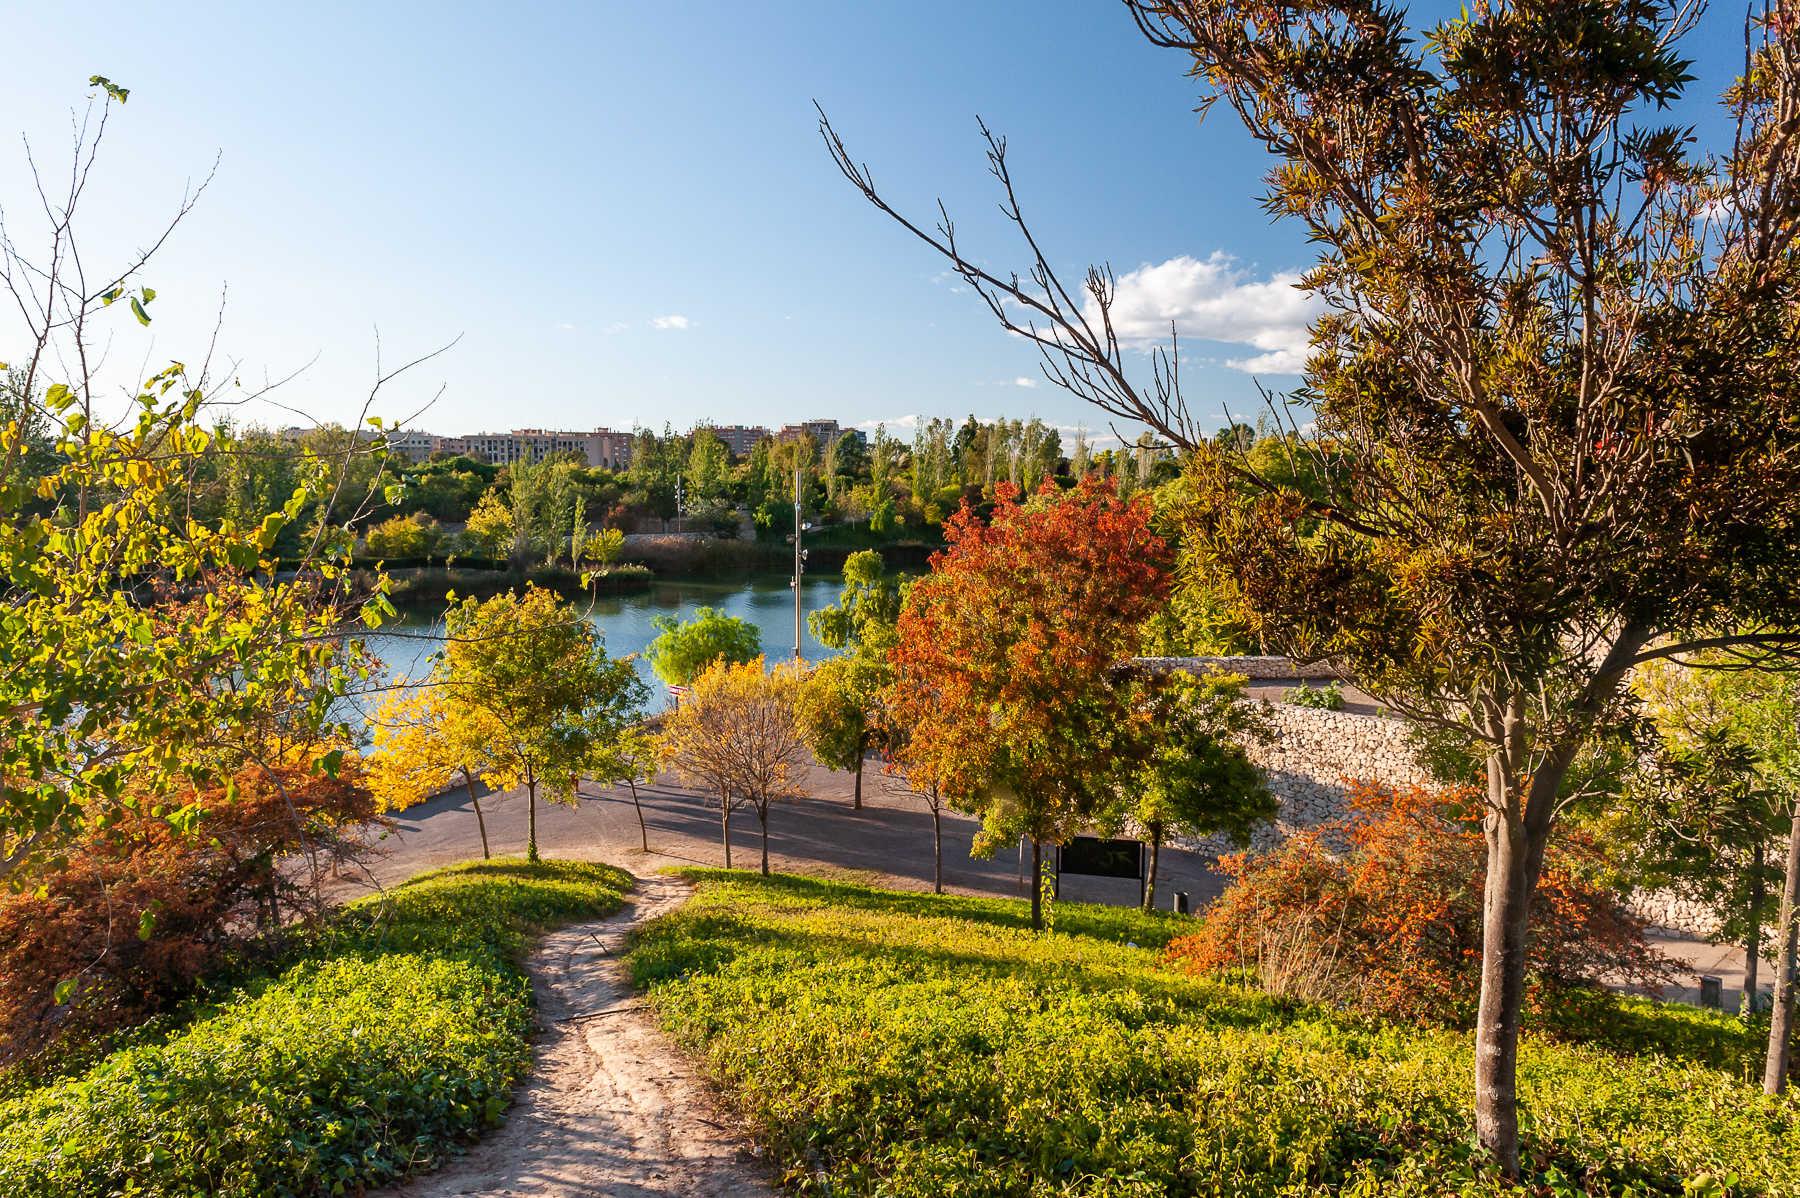 Der Park de Cabecera